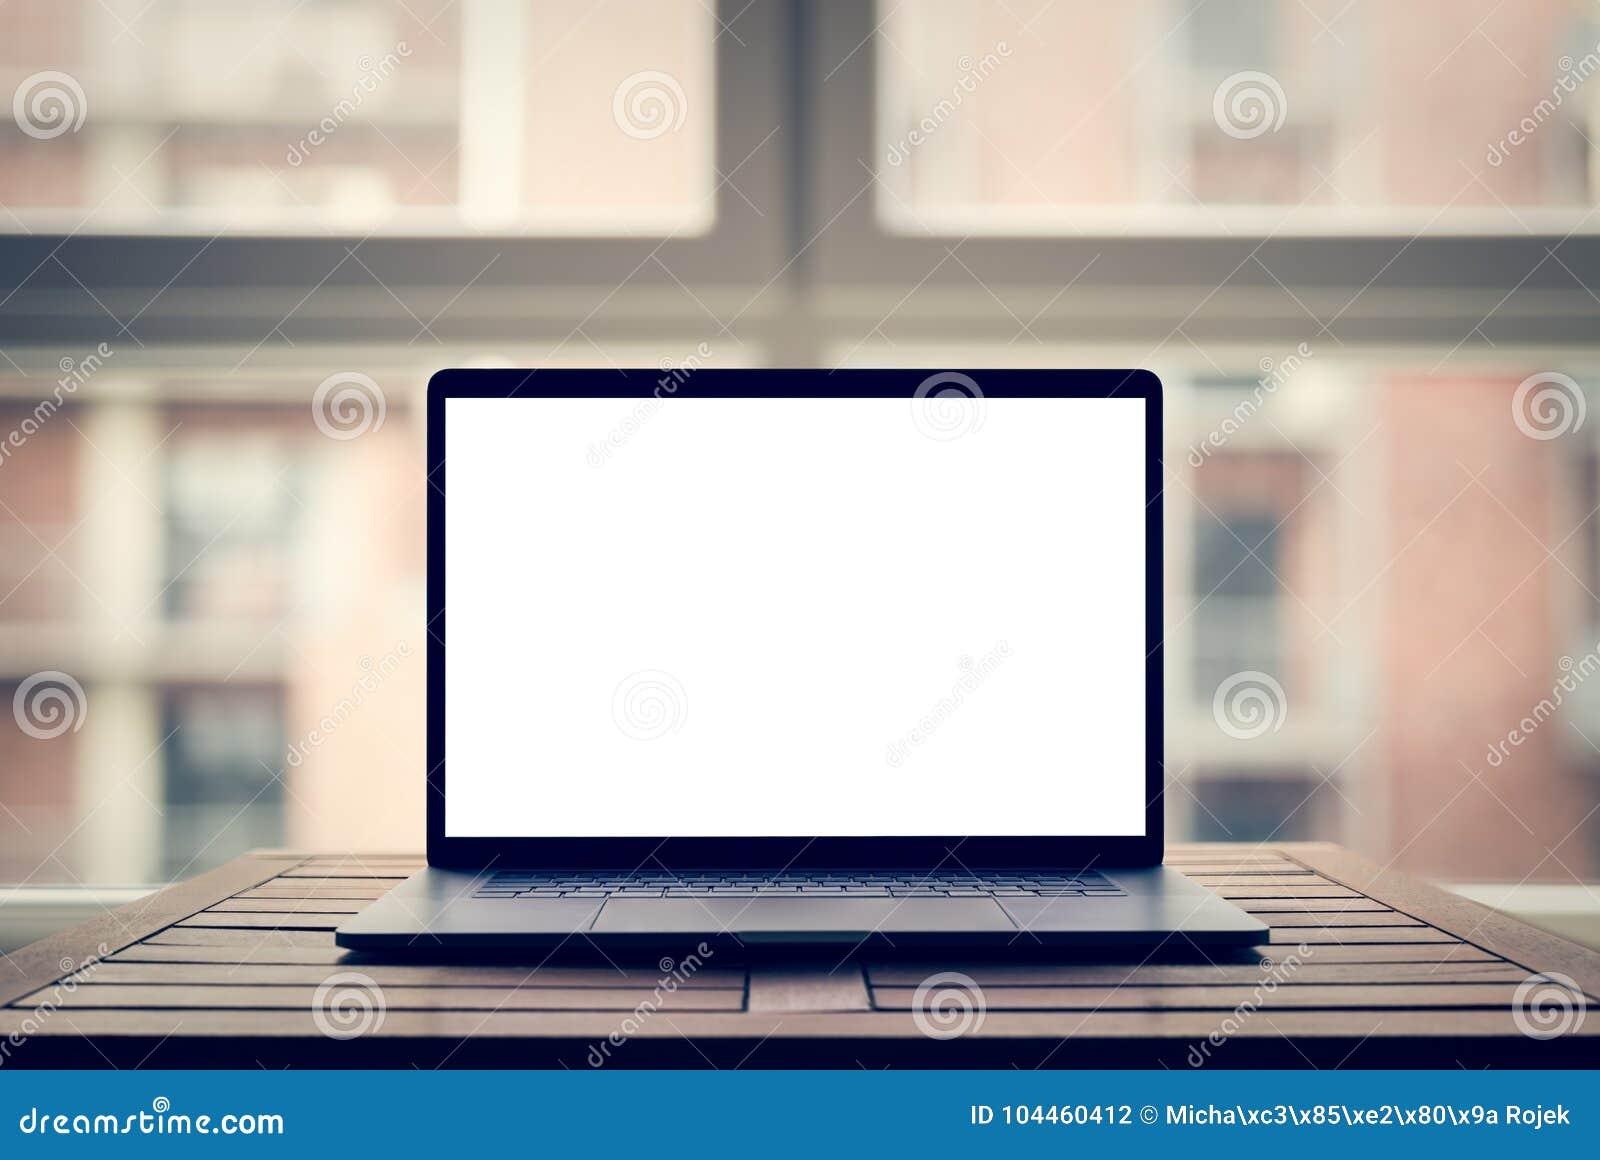 Компьтер-книжка с пустым экраном на таблице в современной просторной квартире